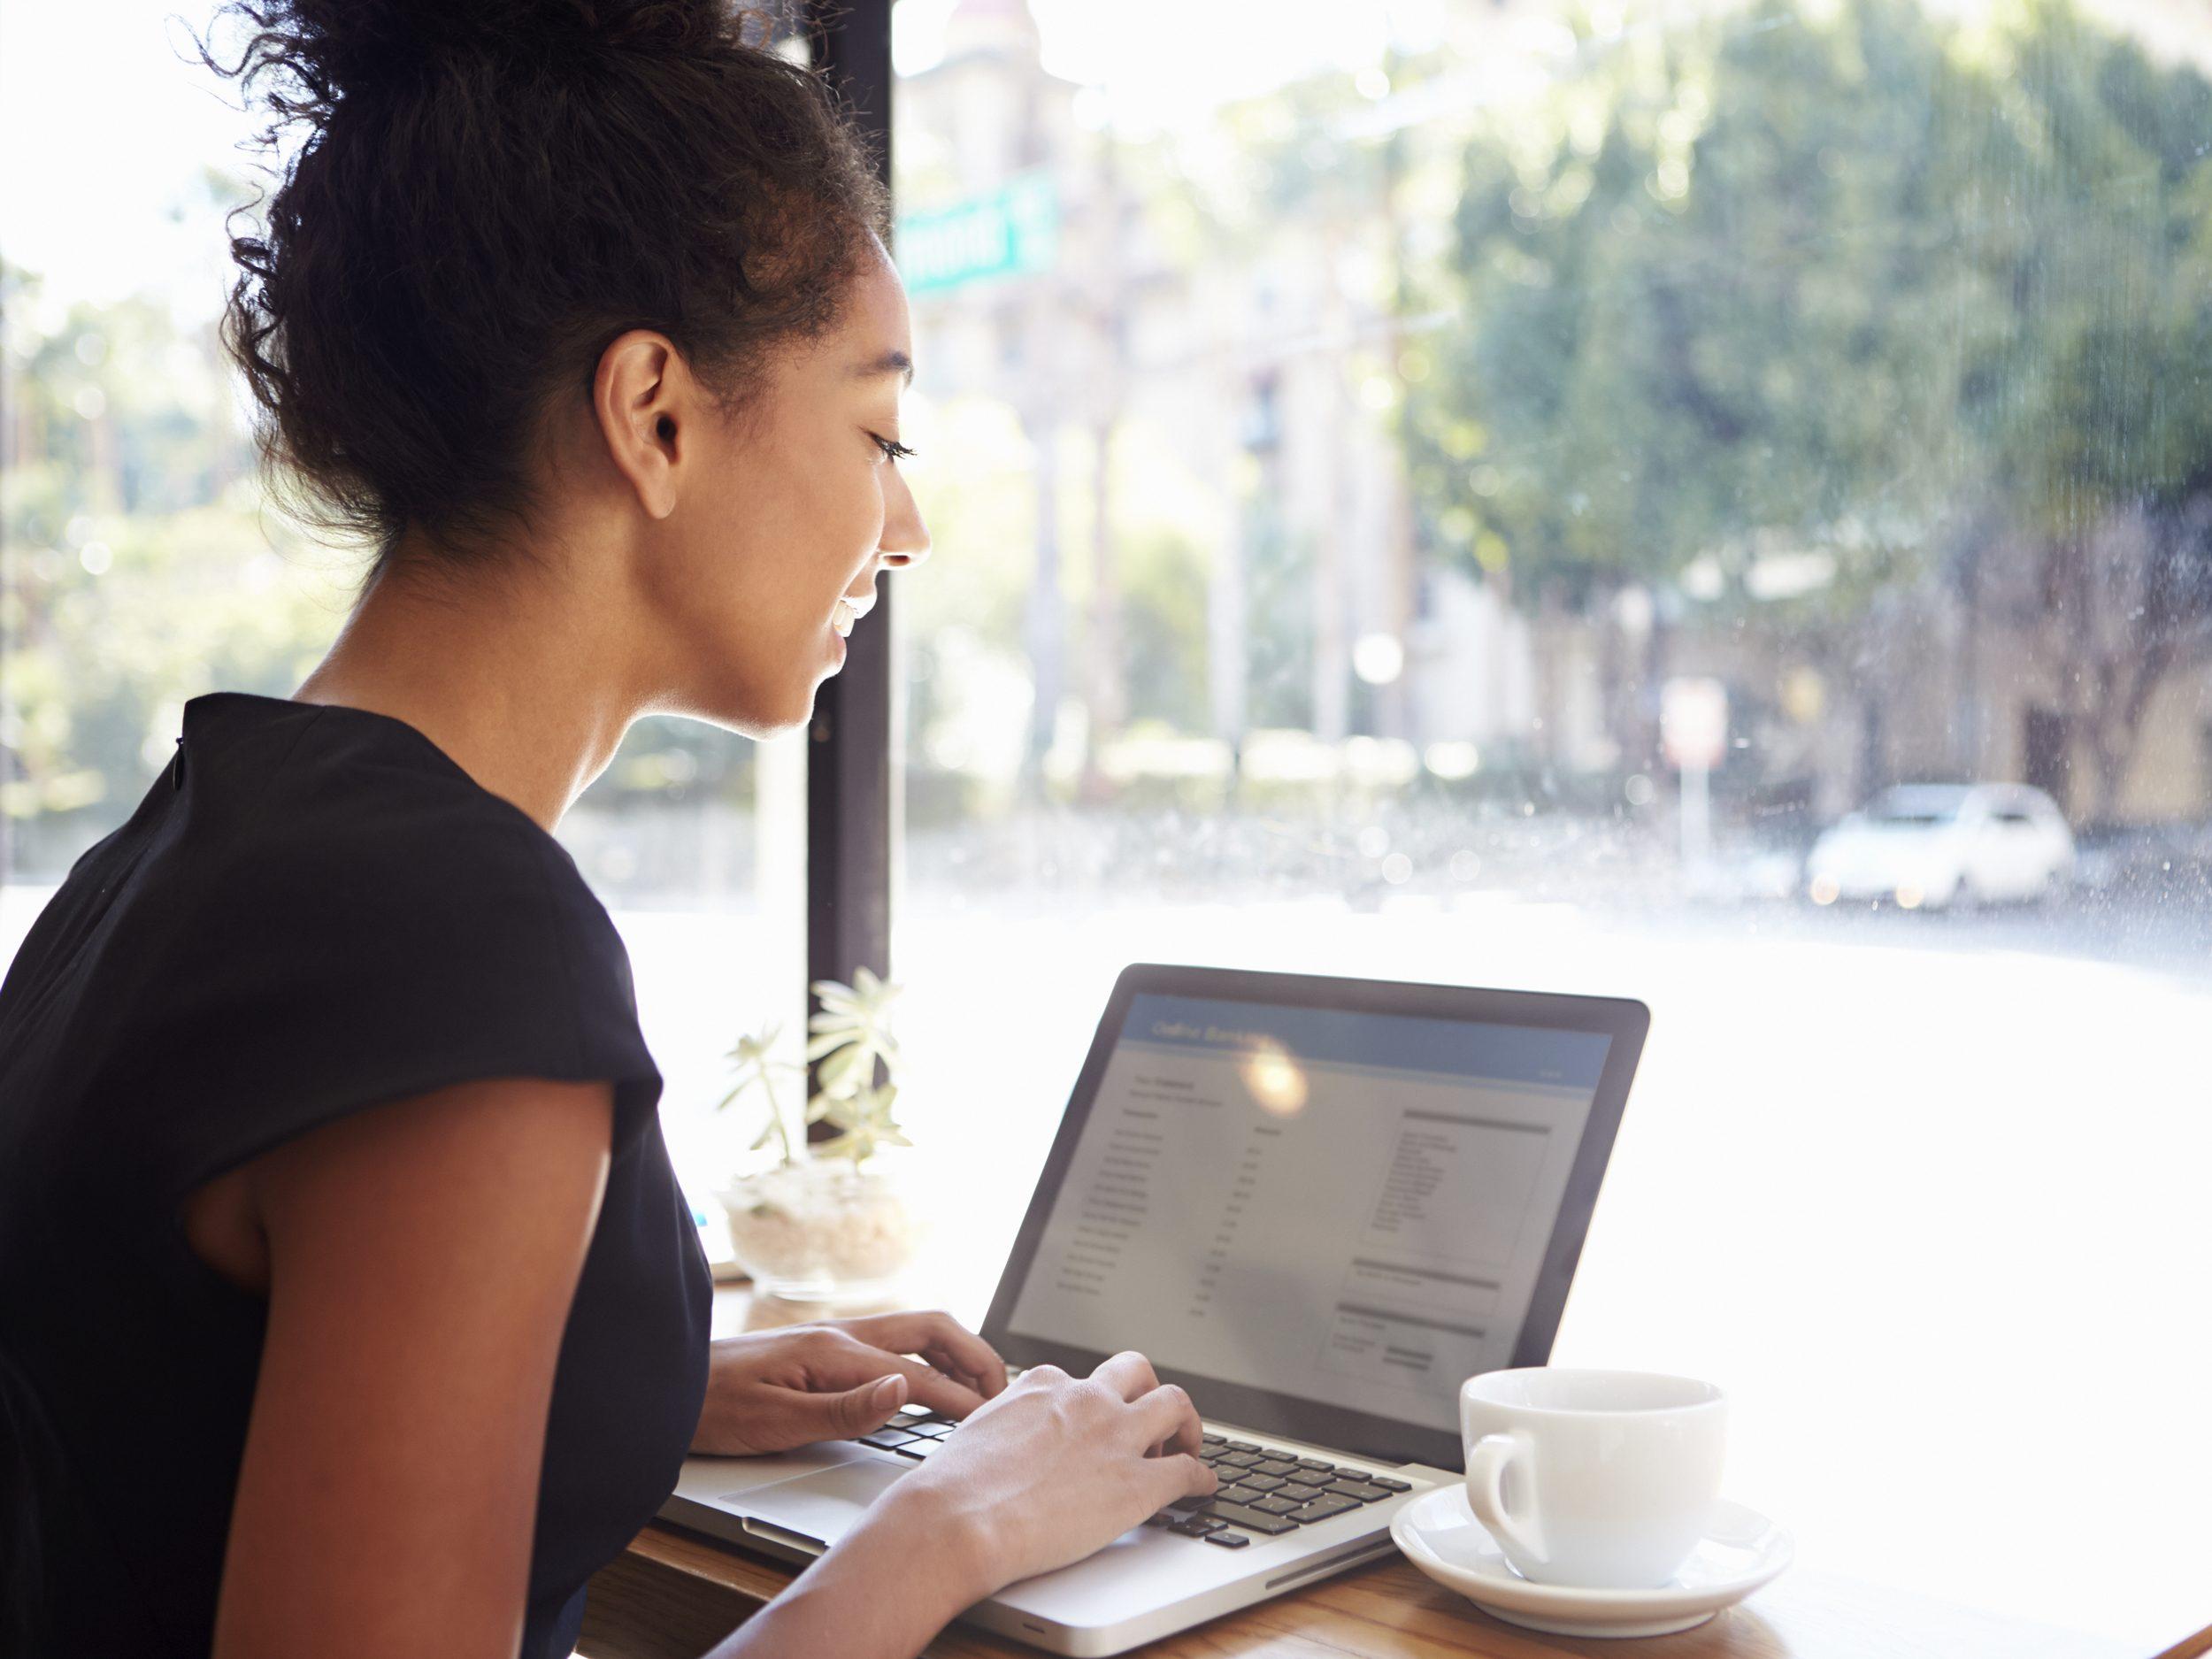 13 Vous préférez musarder au café du coin pendant vos congés?